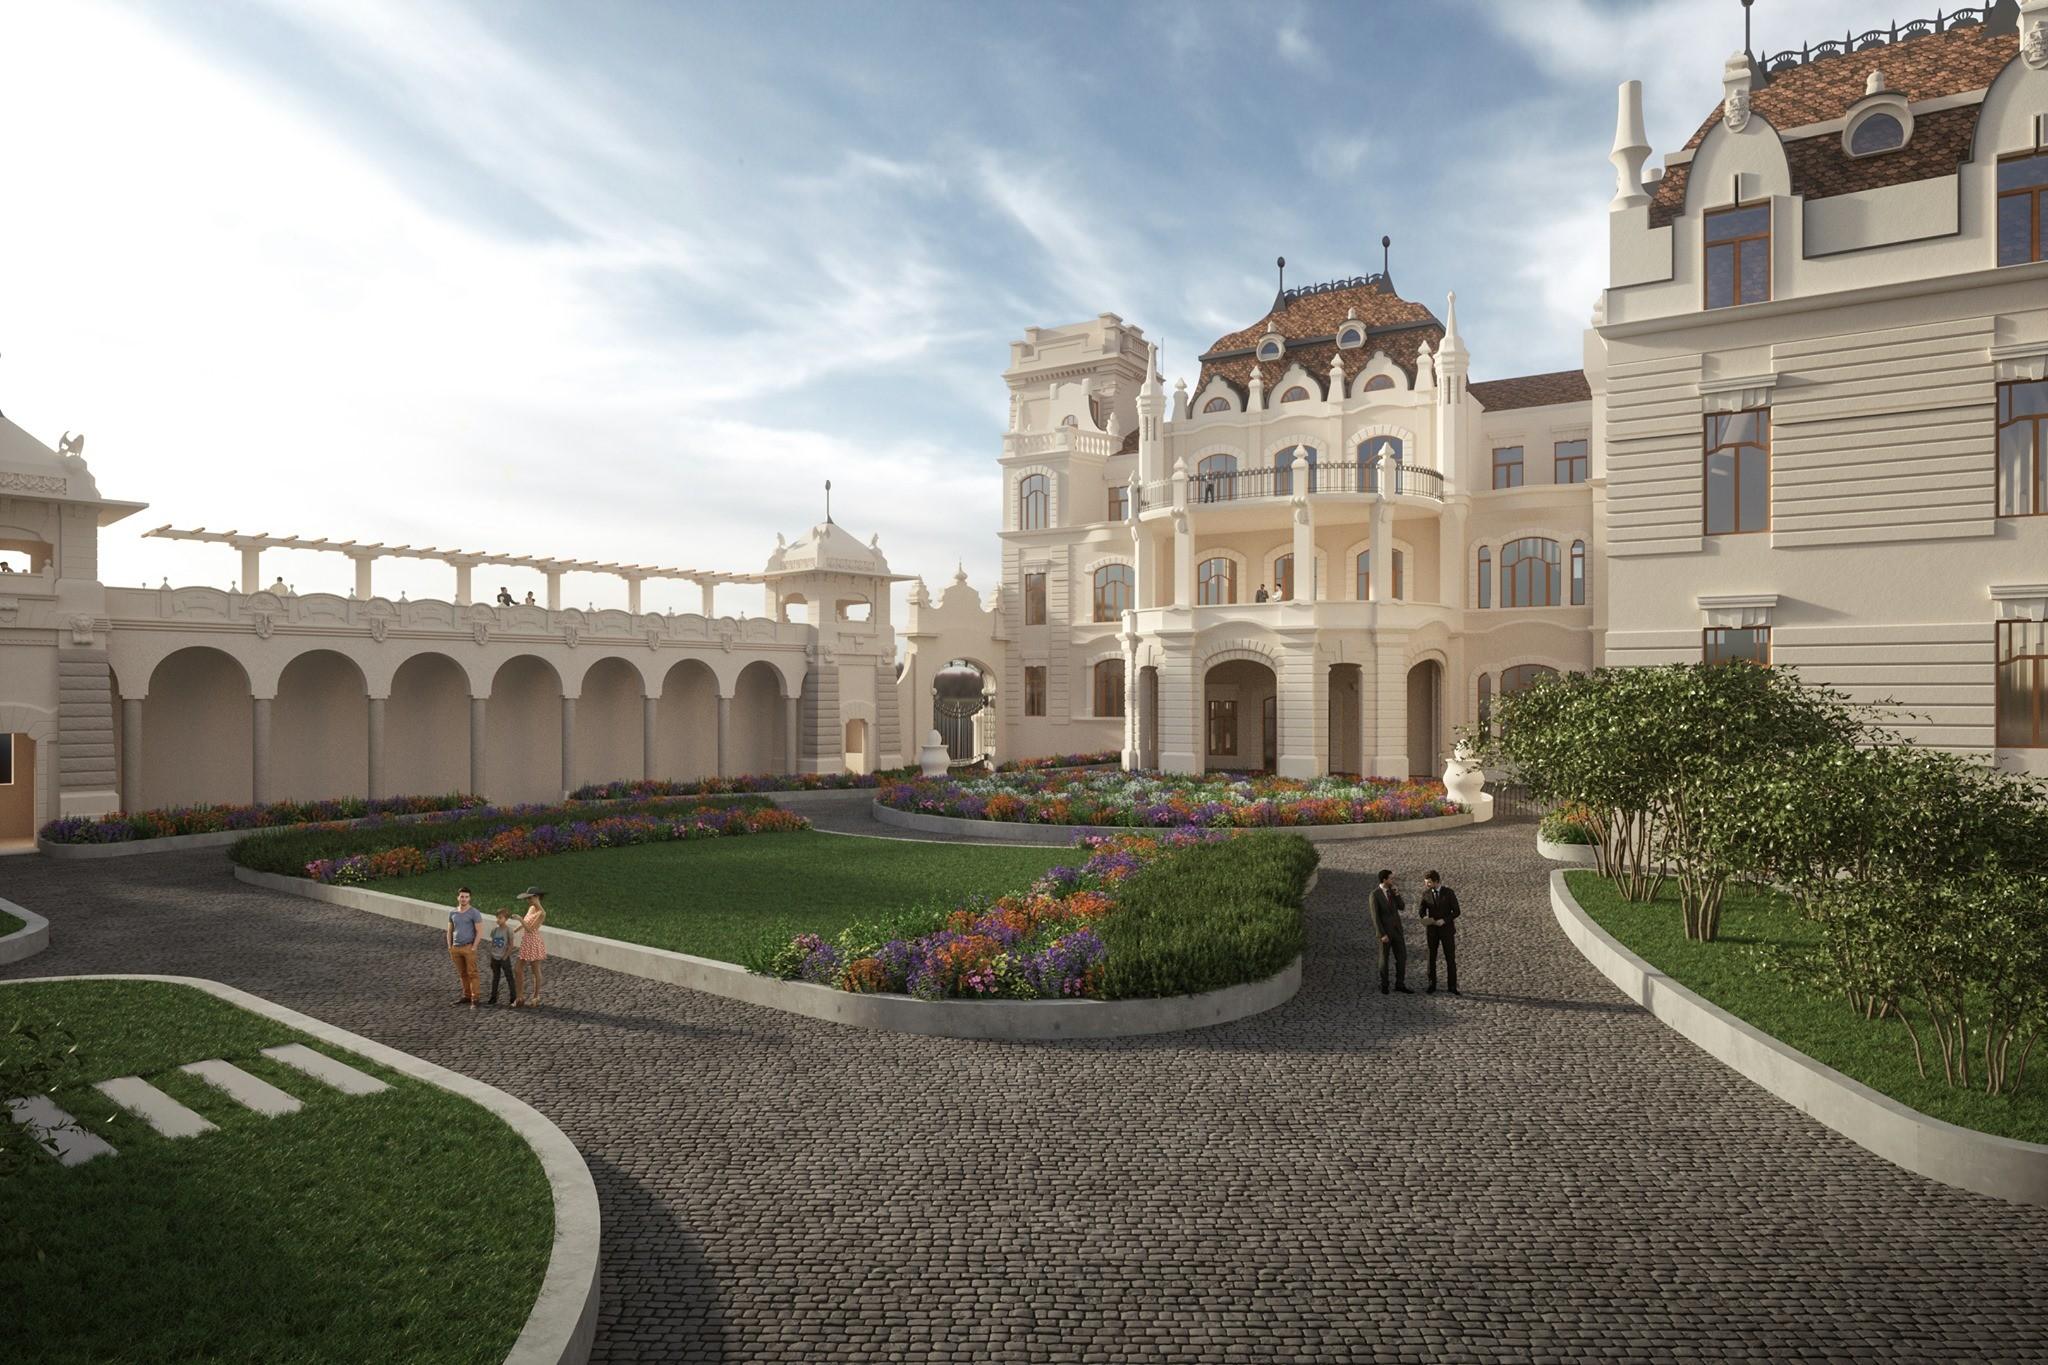 Megújul a budai vár egyik legimpozánsabb épülete – képek